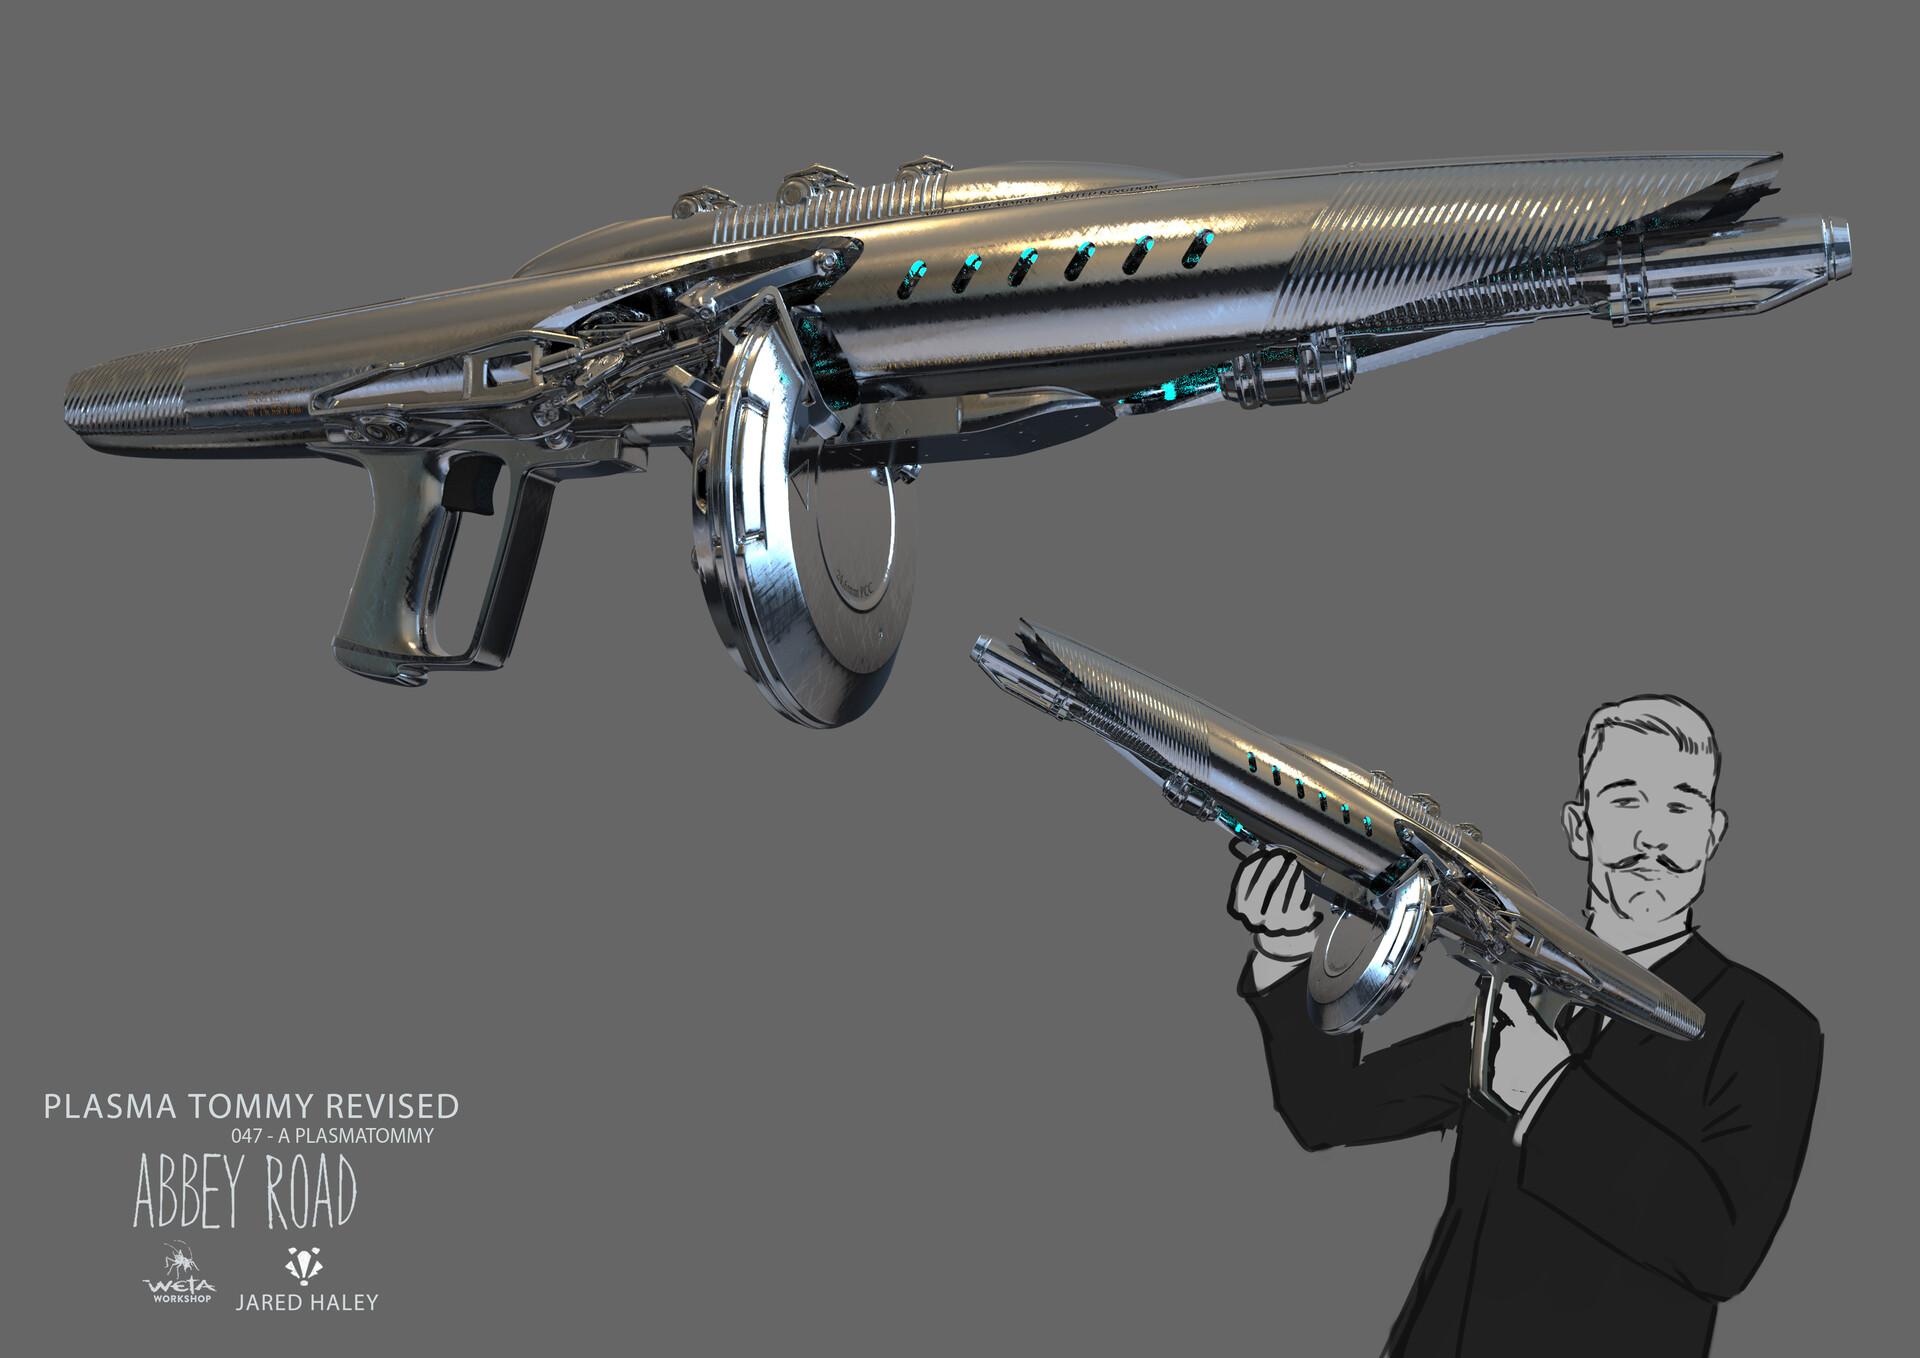 Plasma Tommy Gun - Artist: Jared Haley